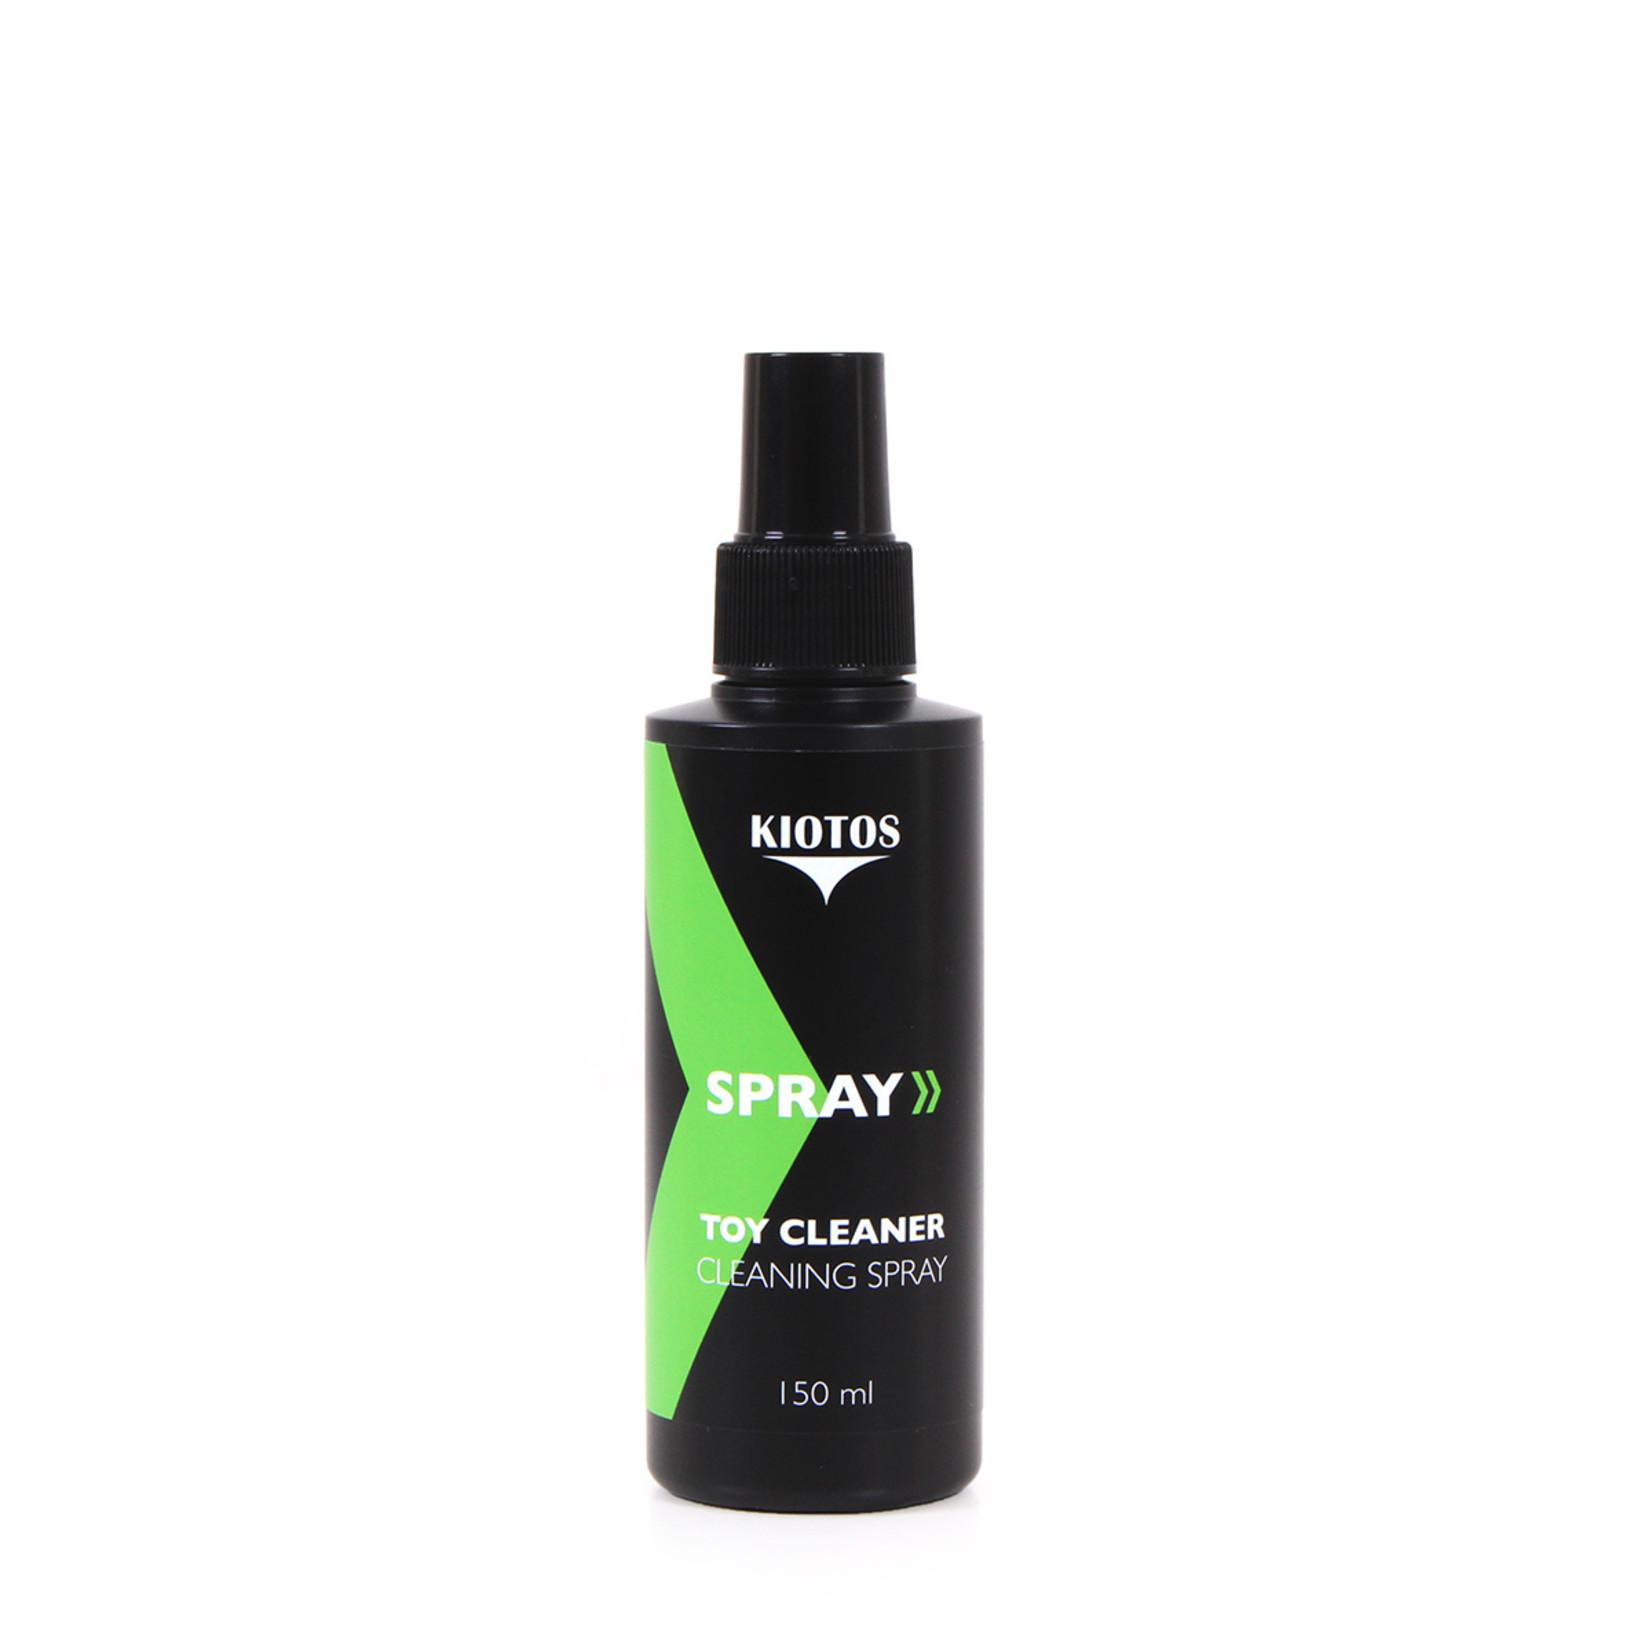 KIOTOS Kiotos Spray  Toy Cleaner 150 ml